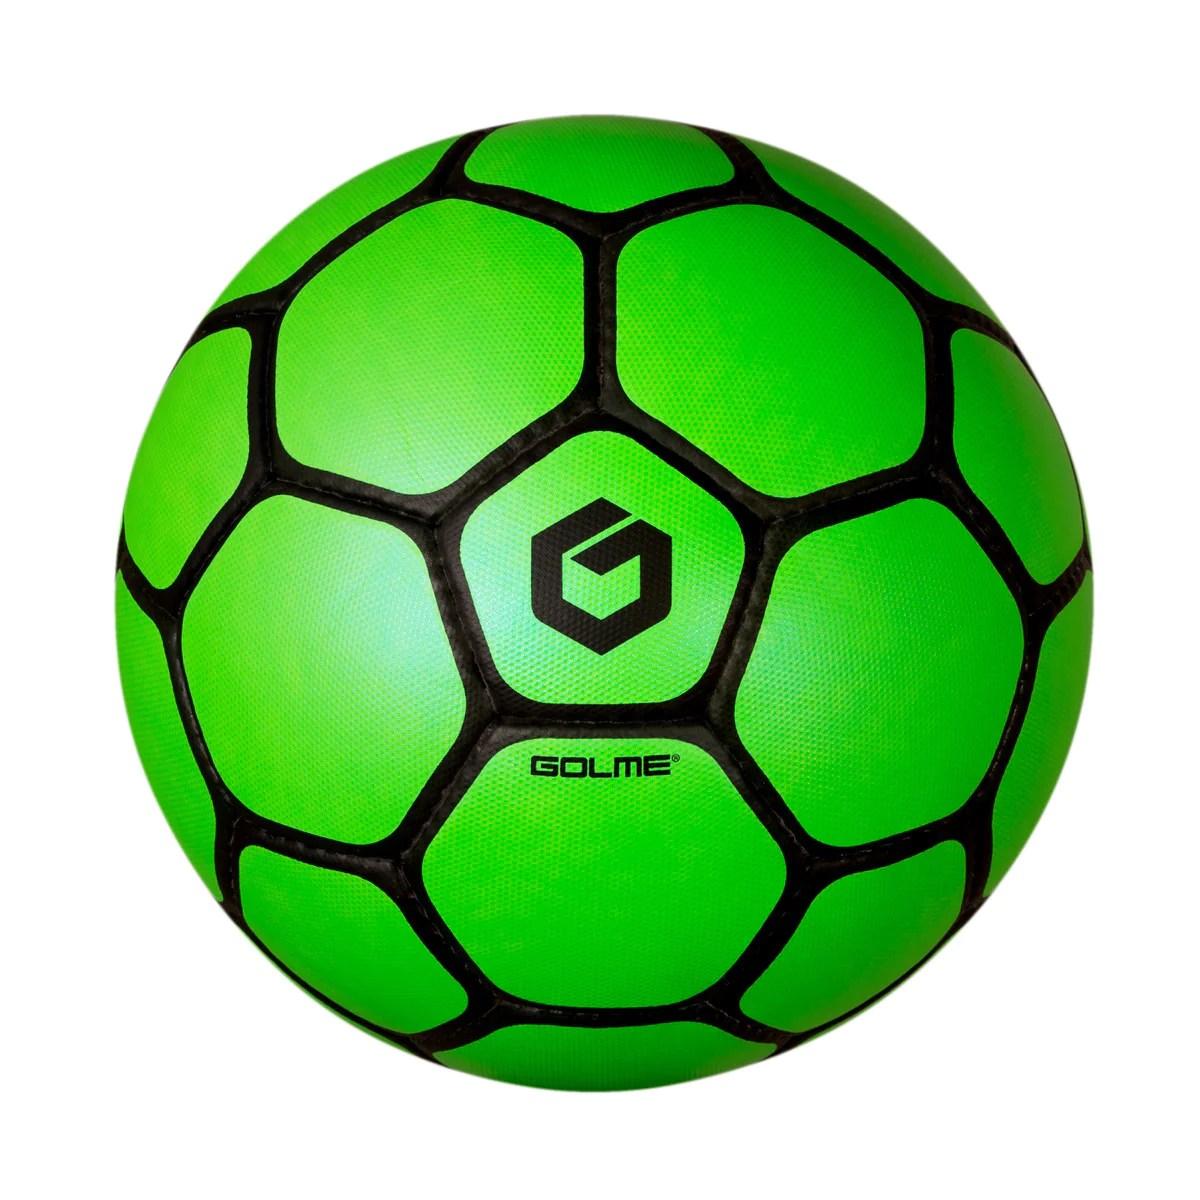 superlative match ball